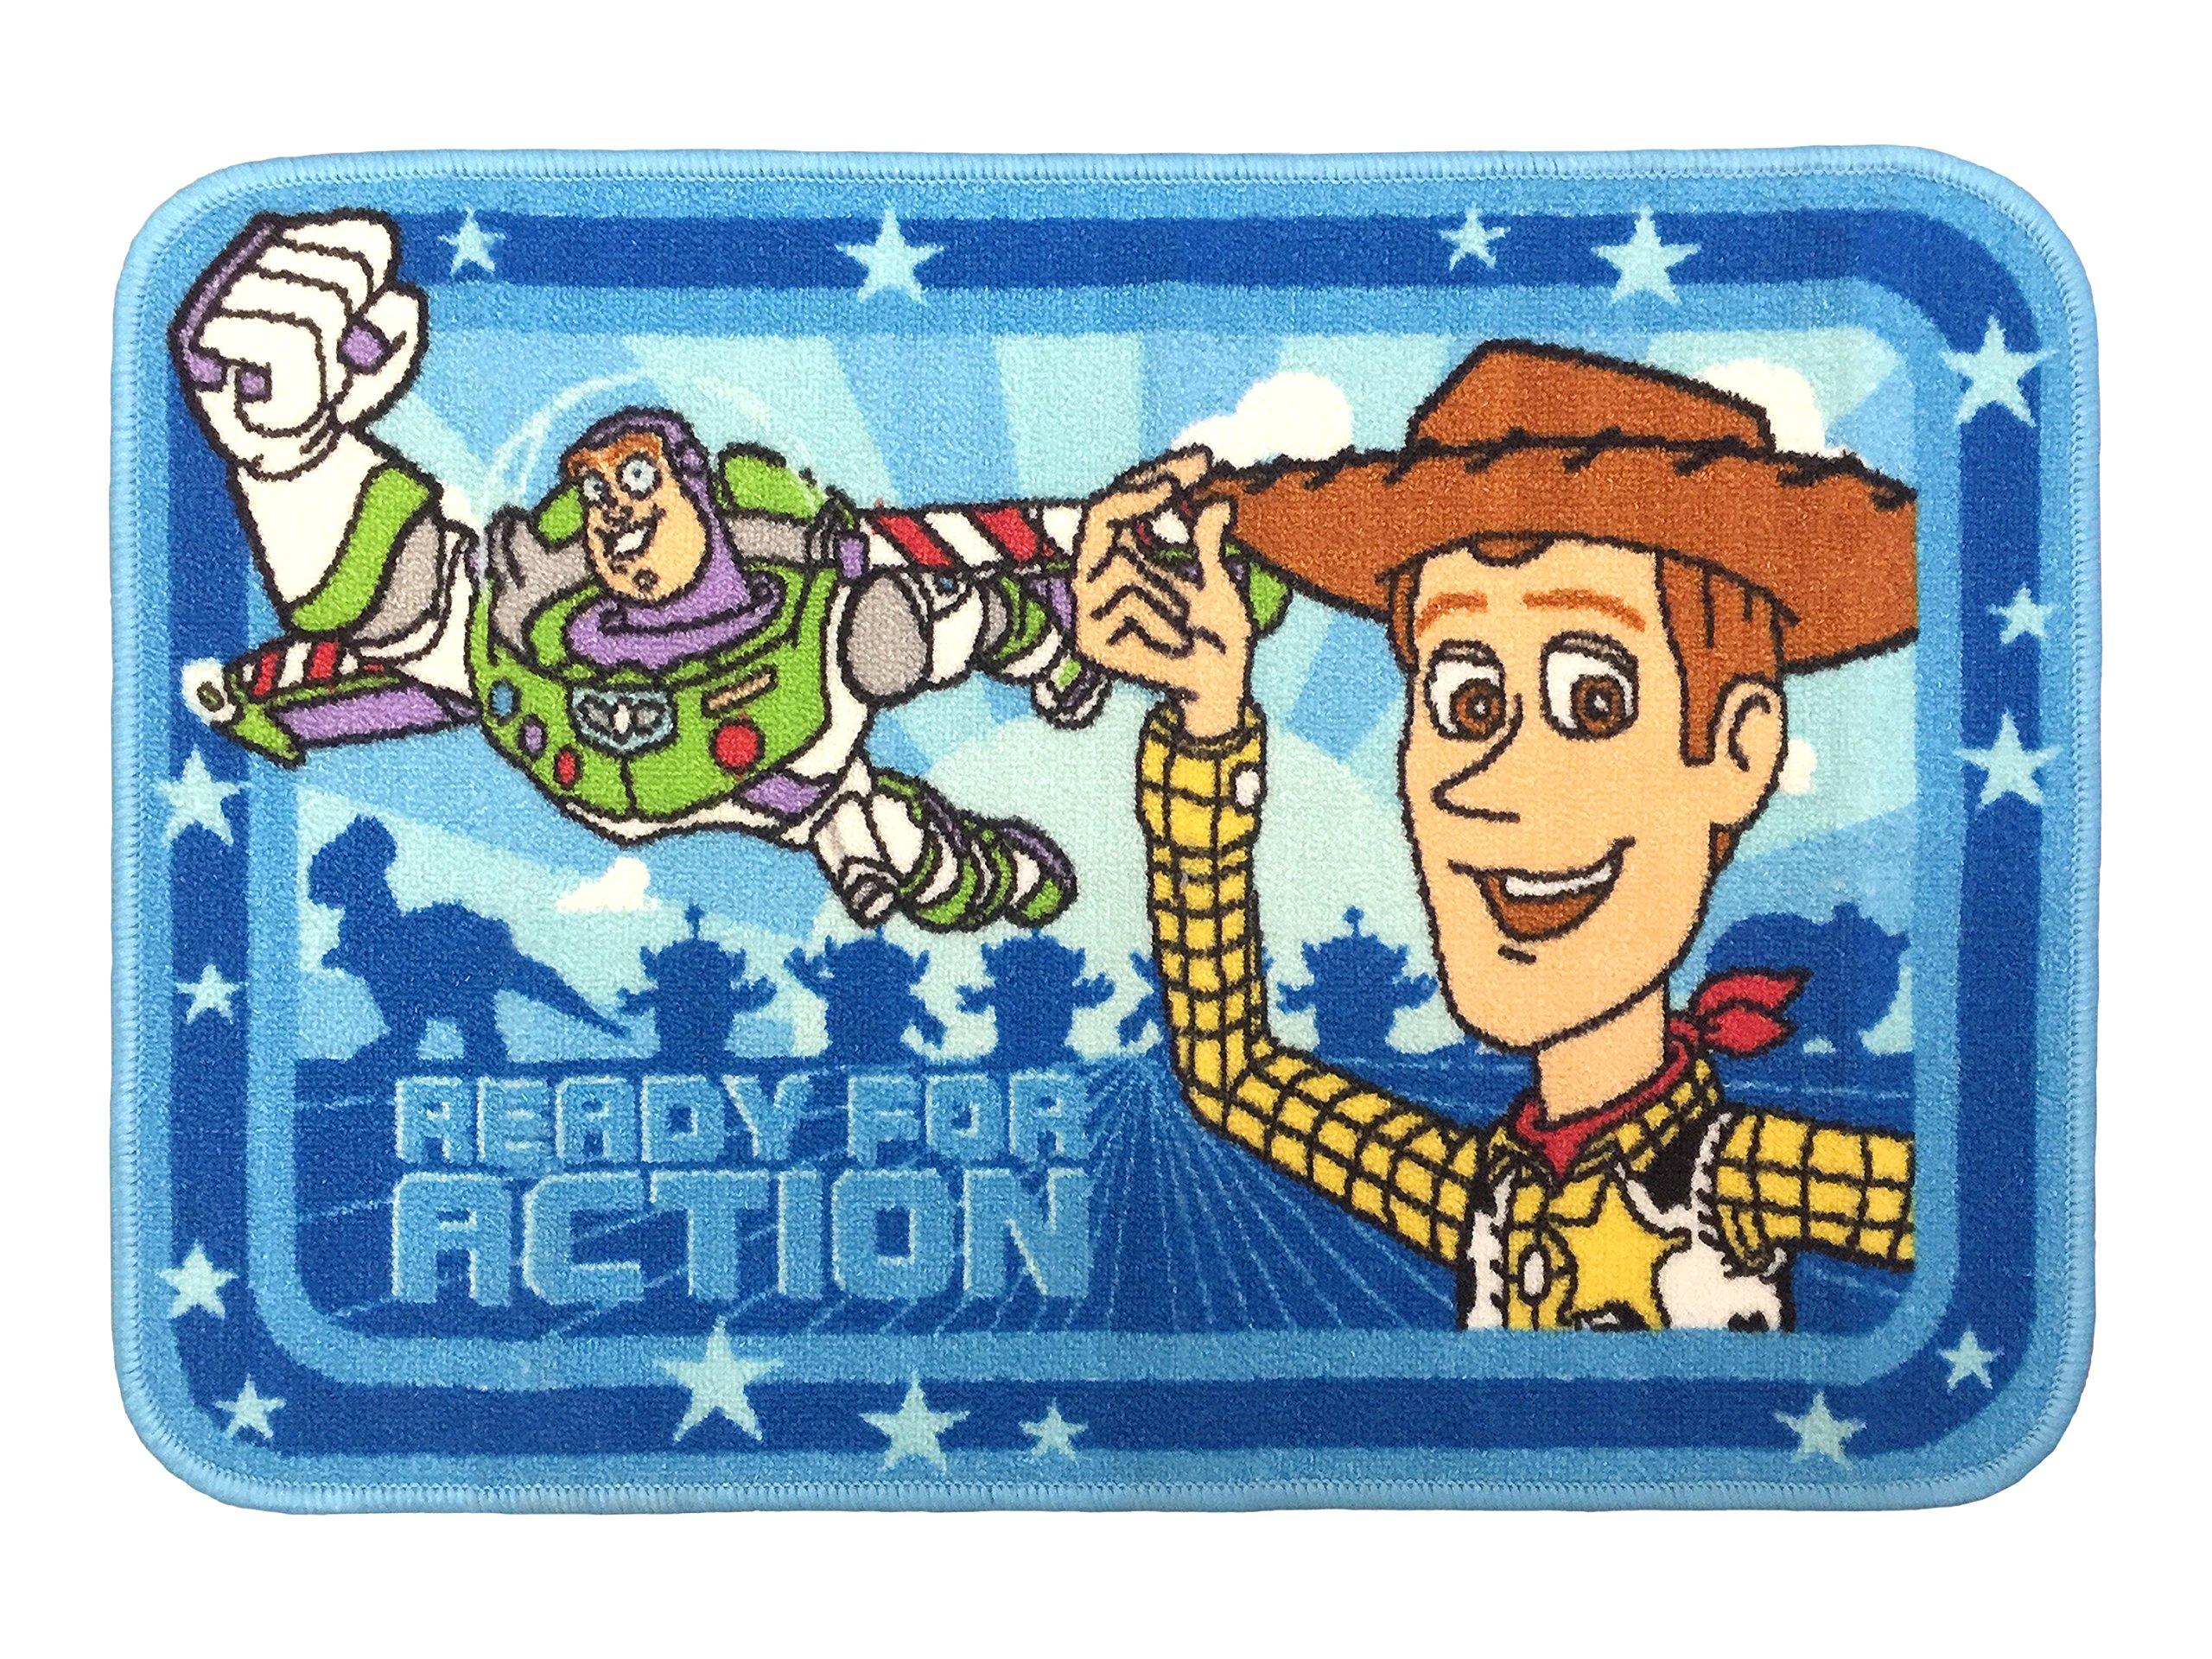 Disney/Pixar JF00526KM Toy Story Buzz and Woody Tufted Bath Rug